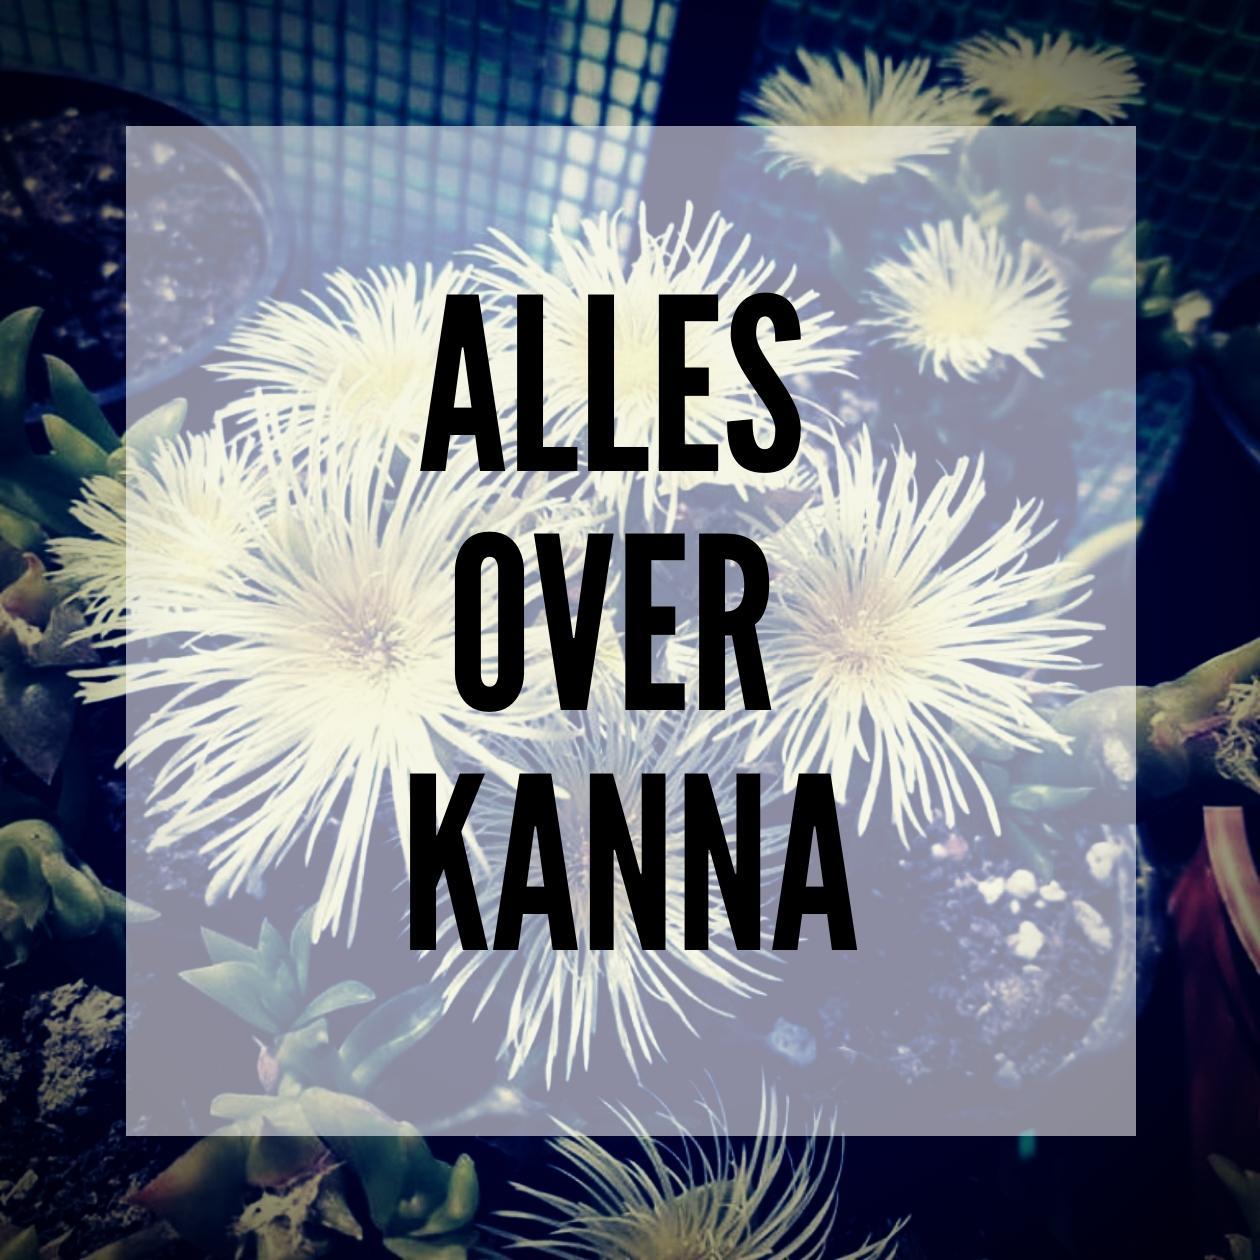 Alles wat je moet weten over Kanna - smartific.nl advies blog thumbnail